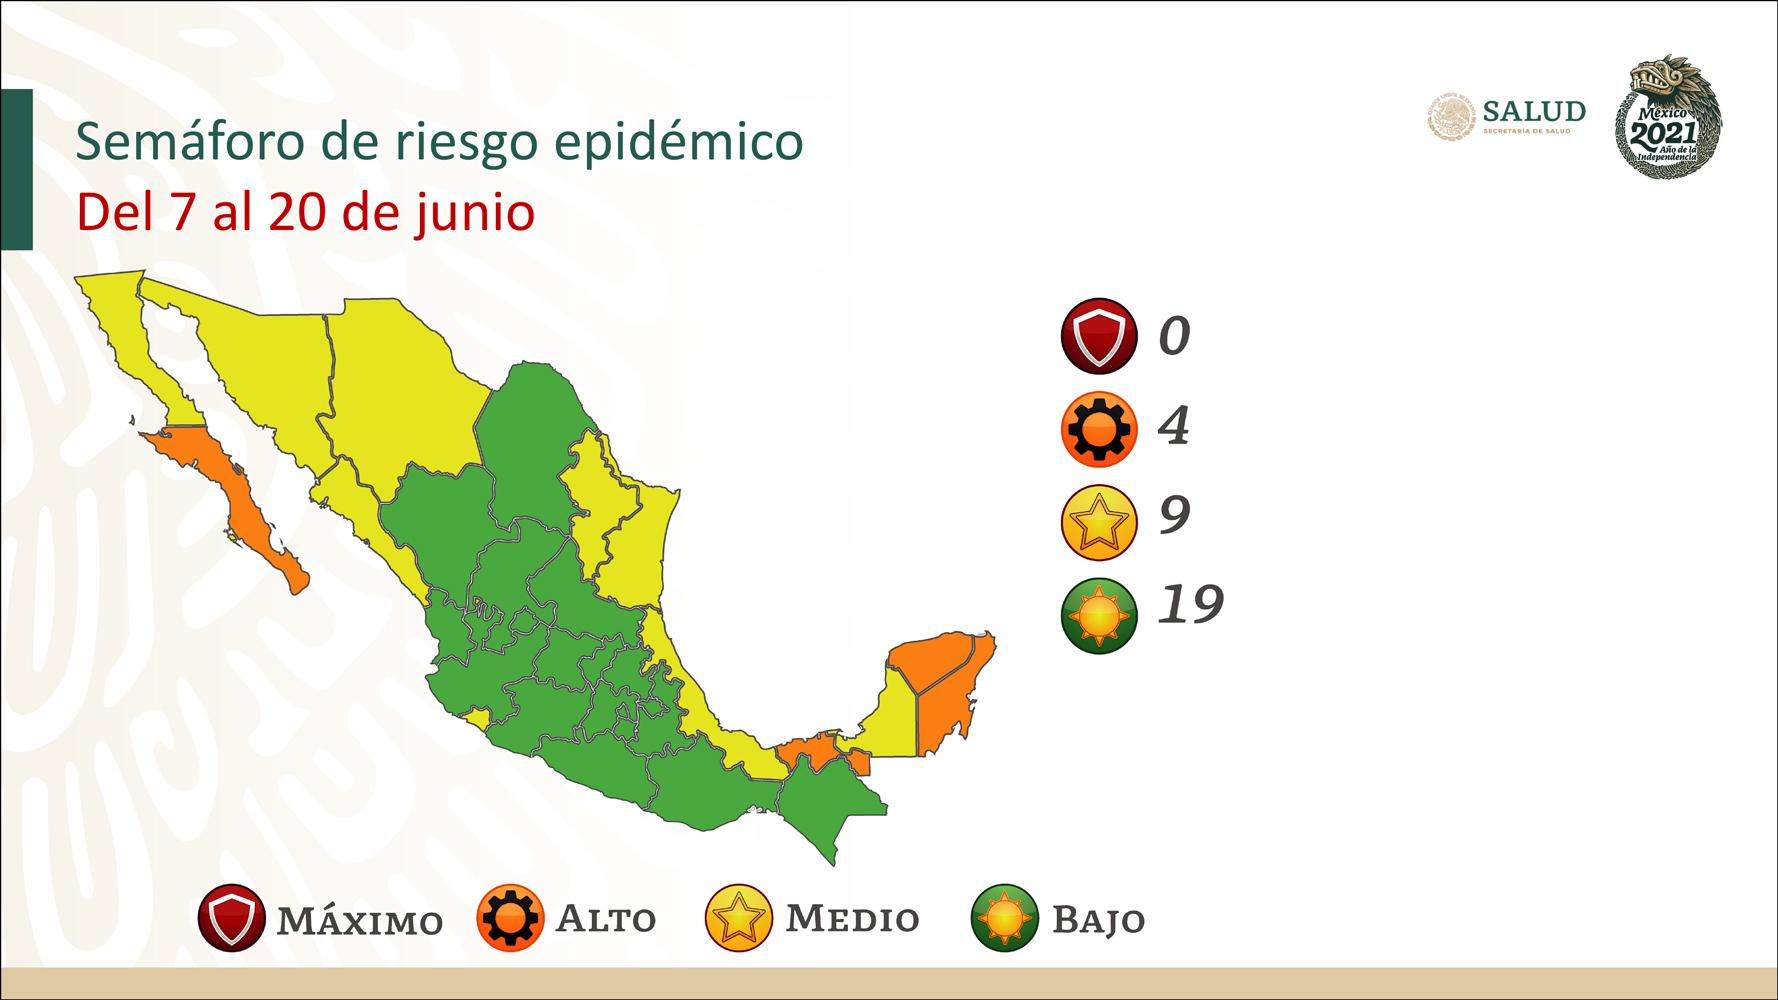 Vacuna Covid-19 México este 12 de junio: ¿Cuántas dosis se han aplicado y cuántos casos de coronavirus van al momento?